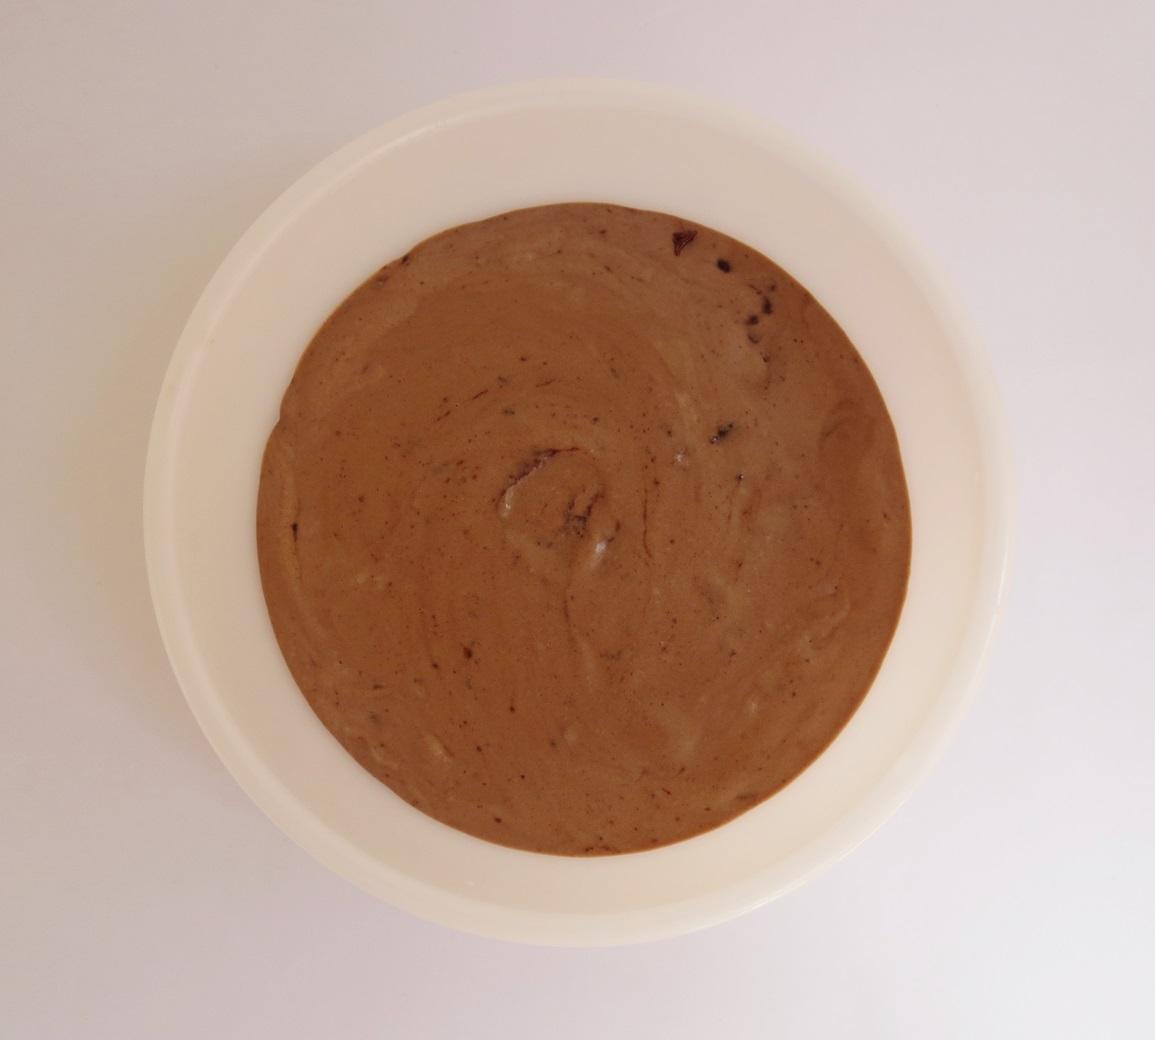 Helado de chocolate y cookies sin congelar. Aroma de chocolate.